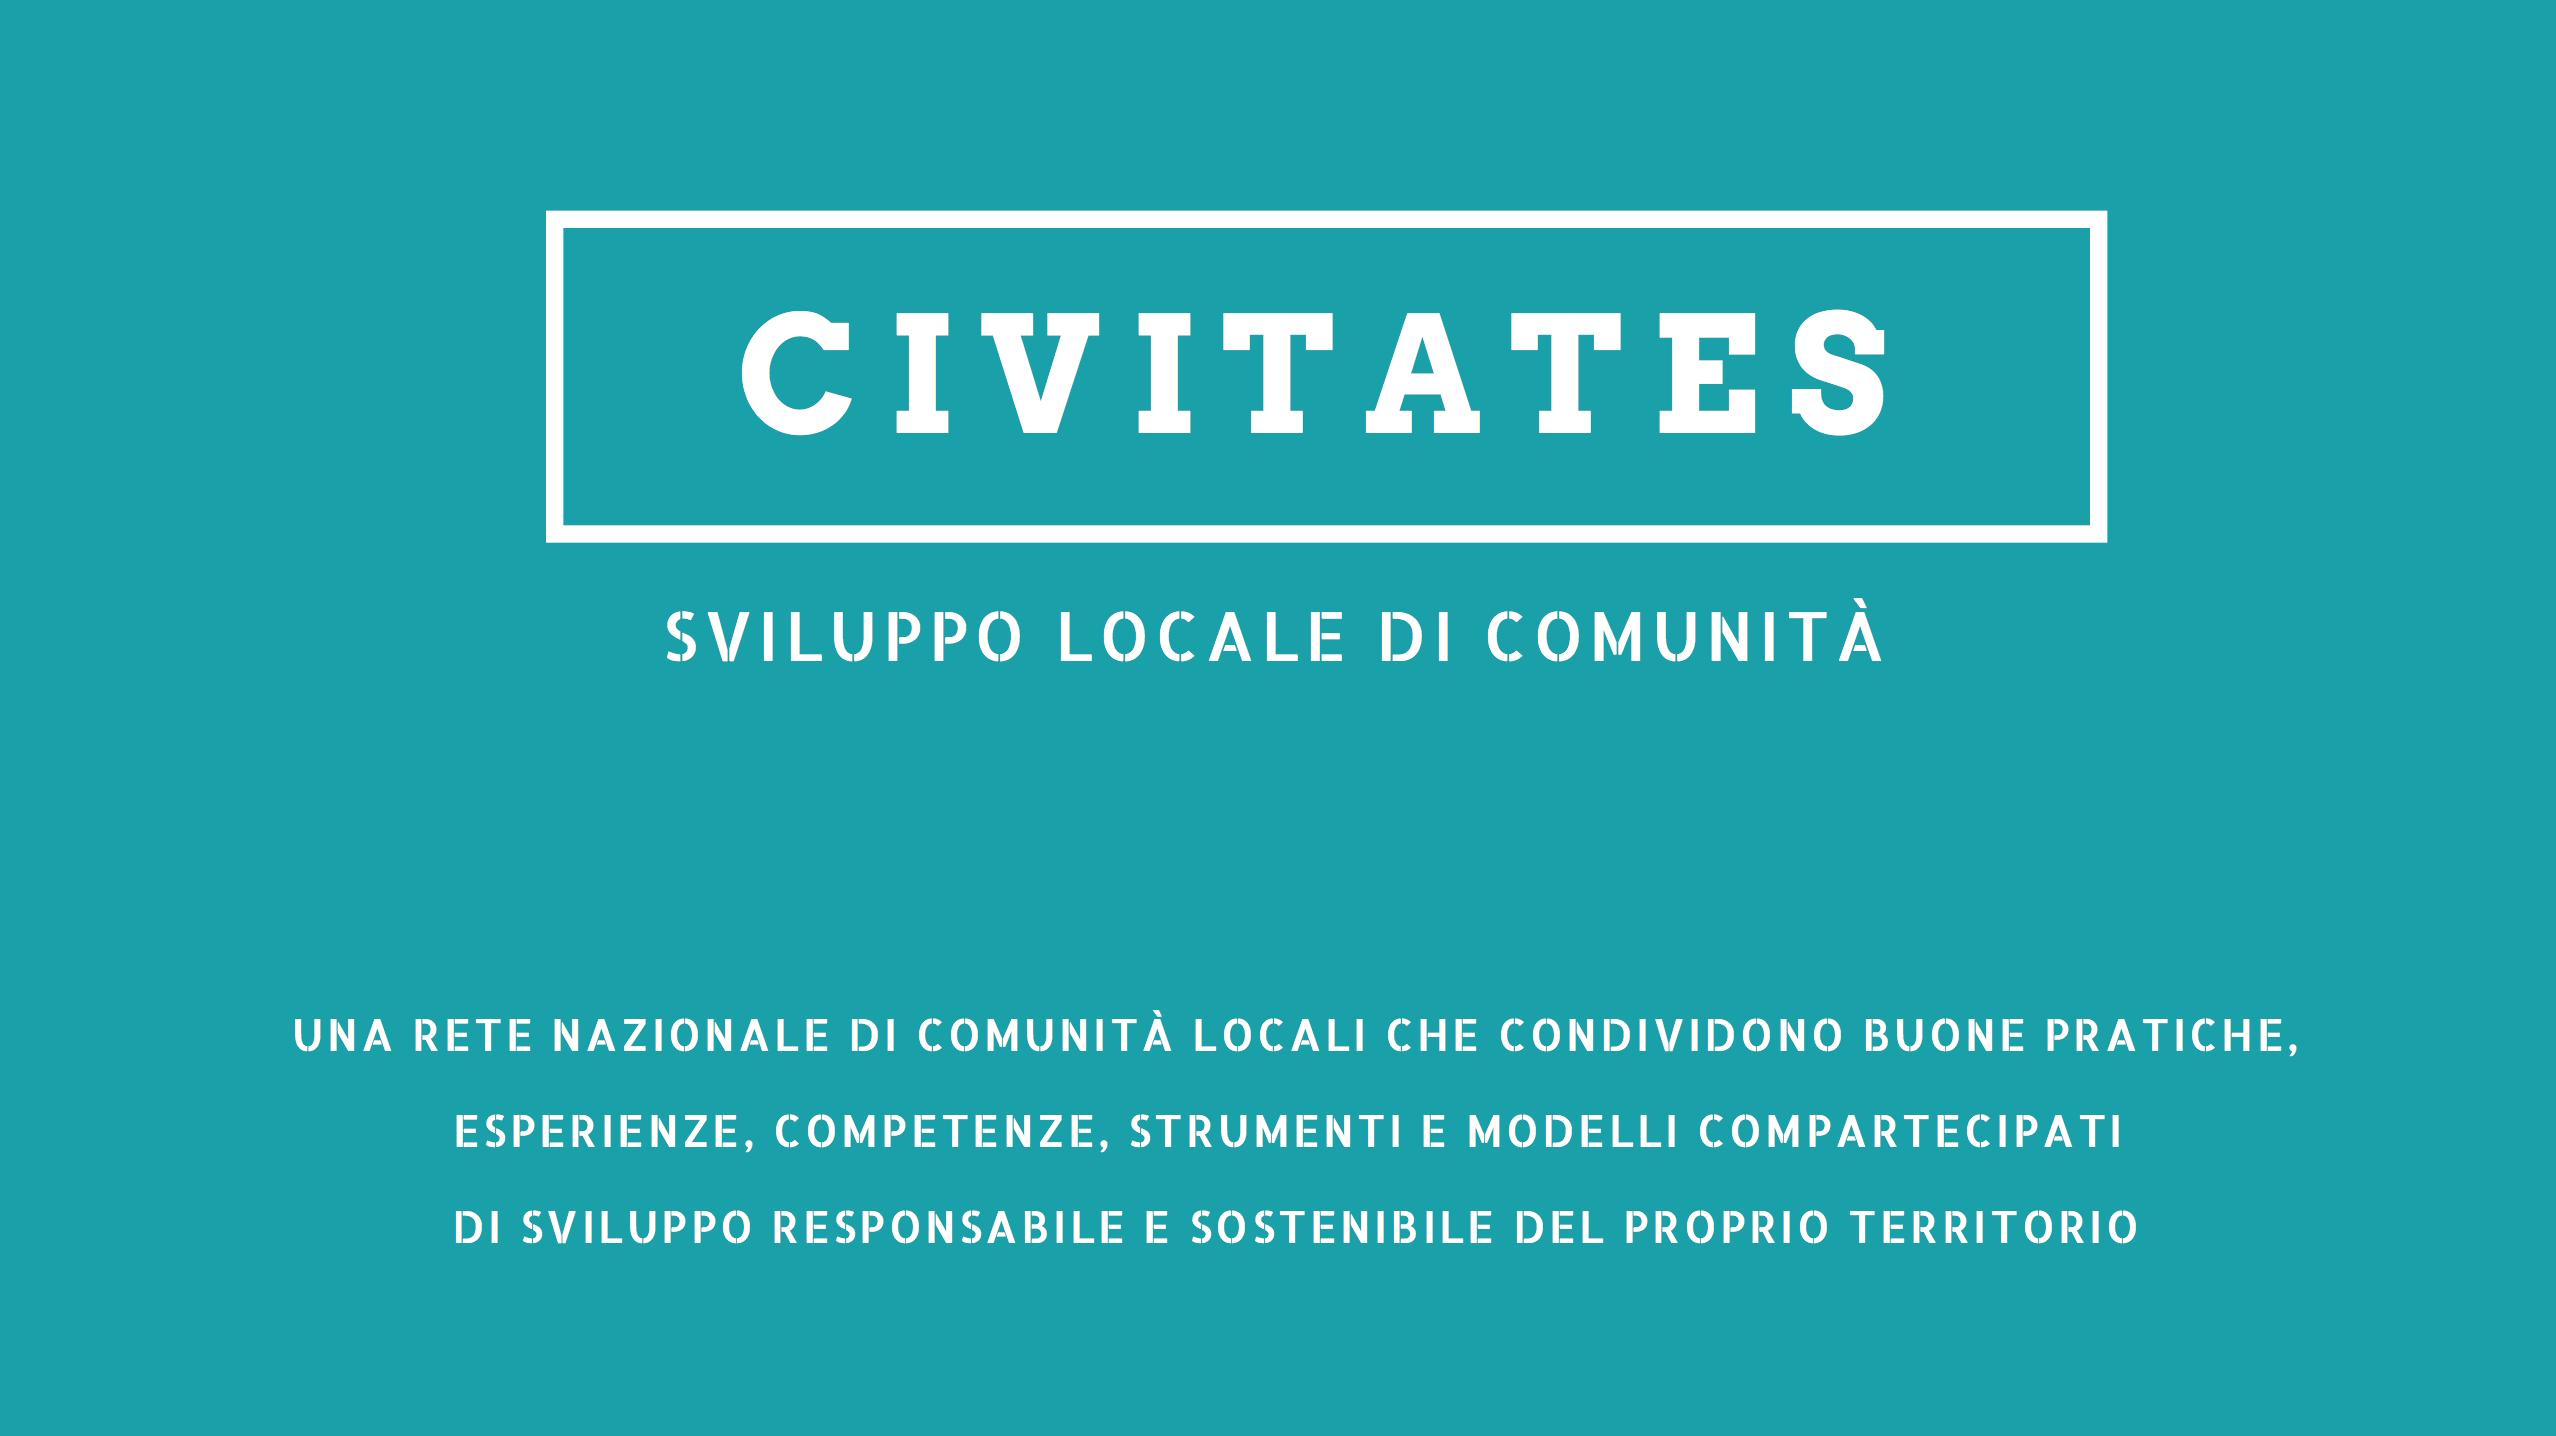 Nasce la rete delle comunità locali Civitates